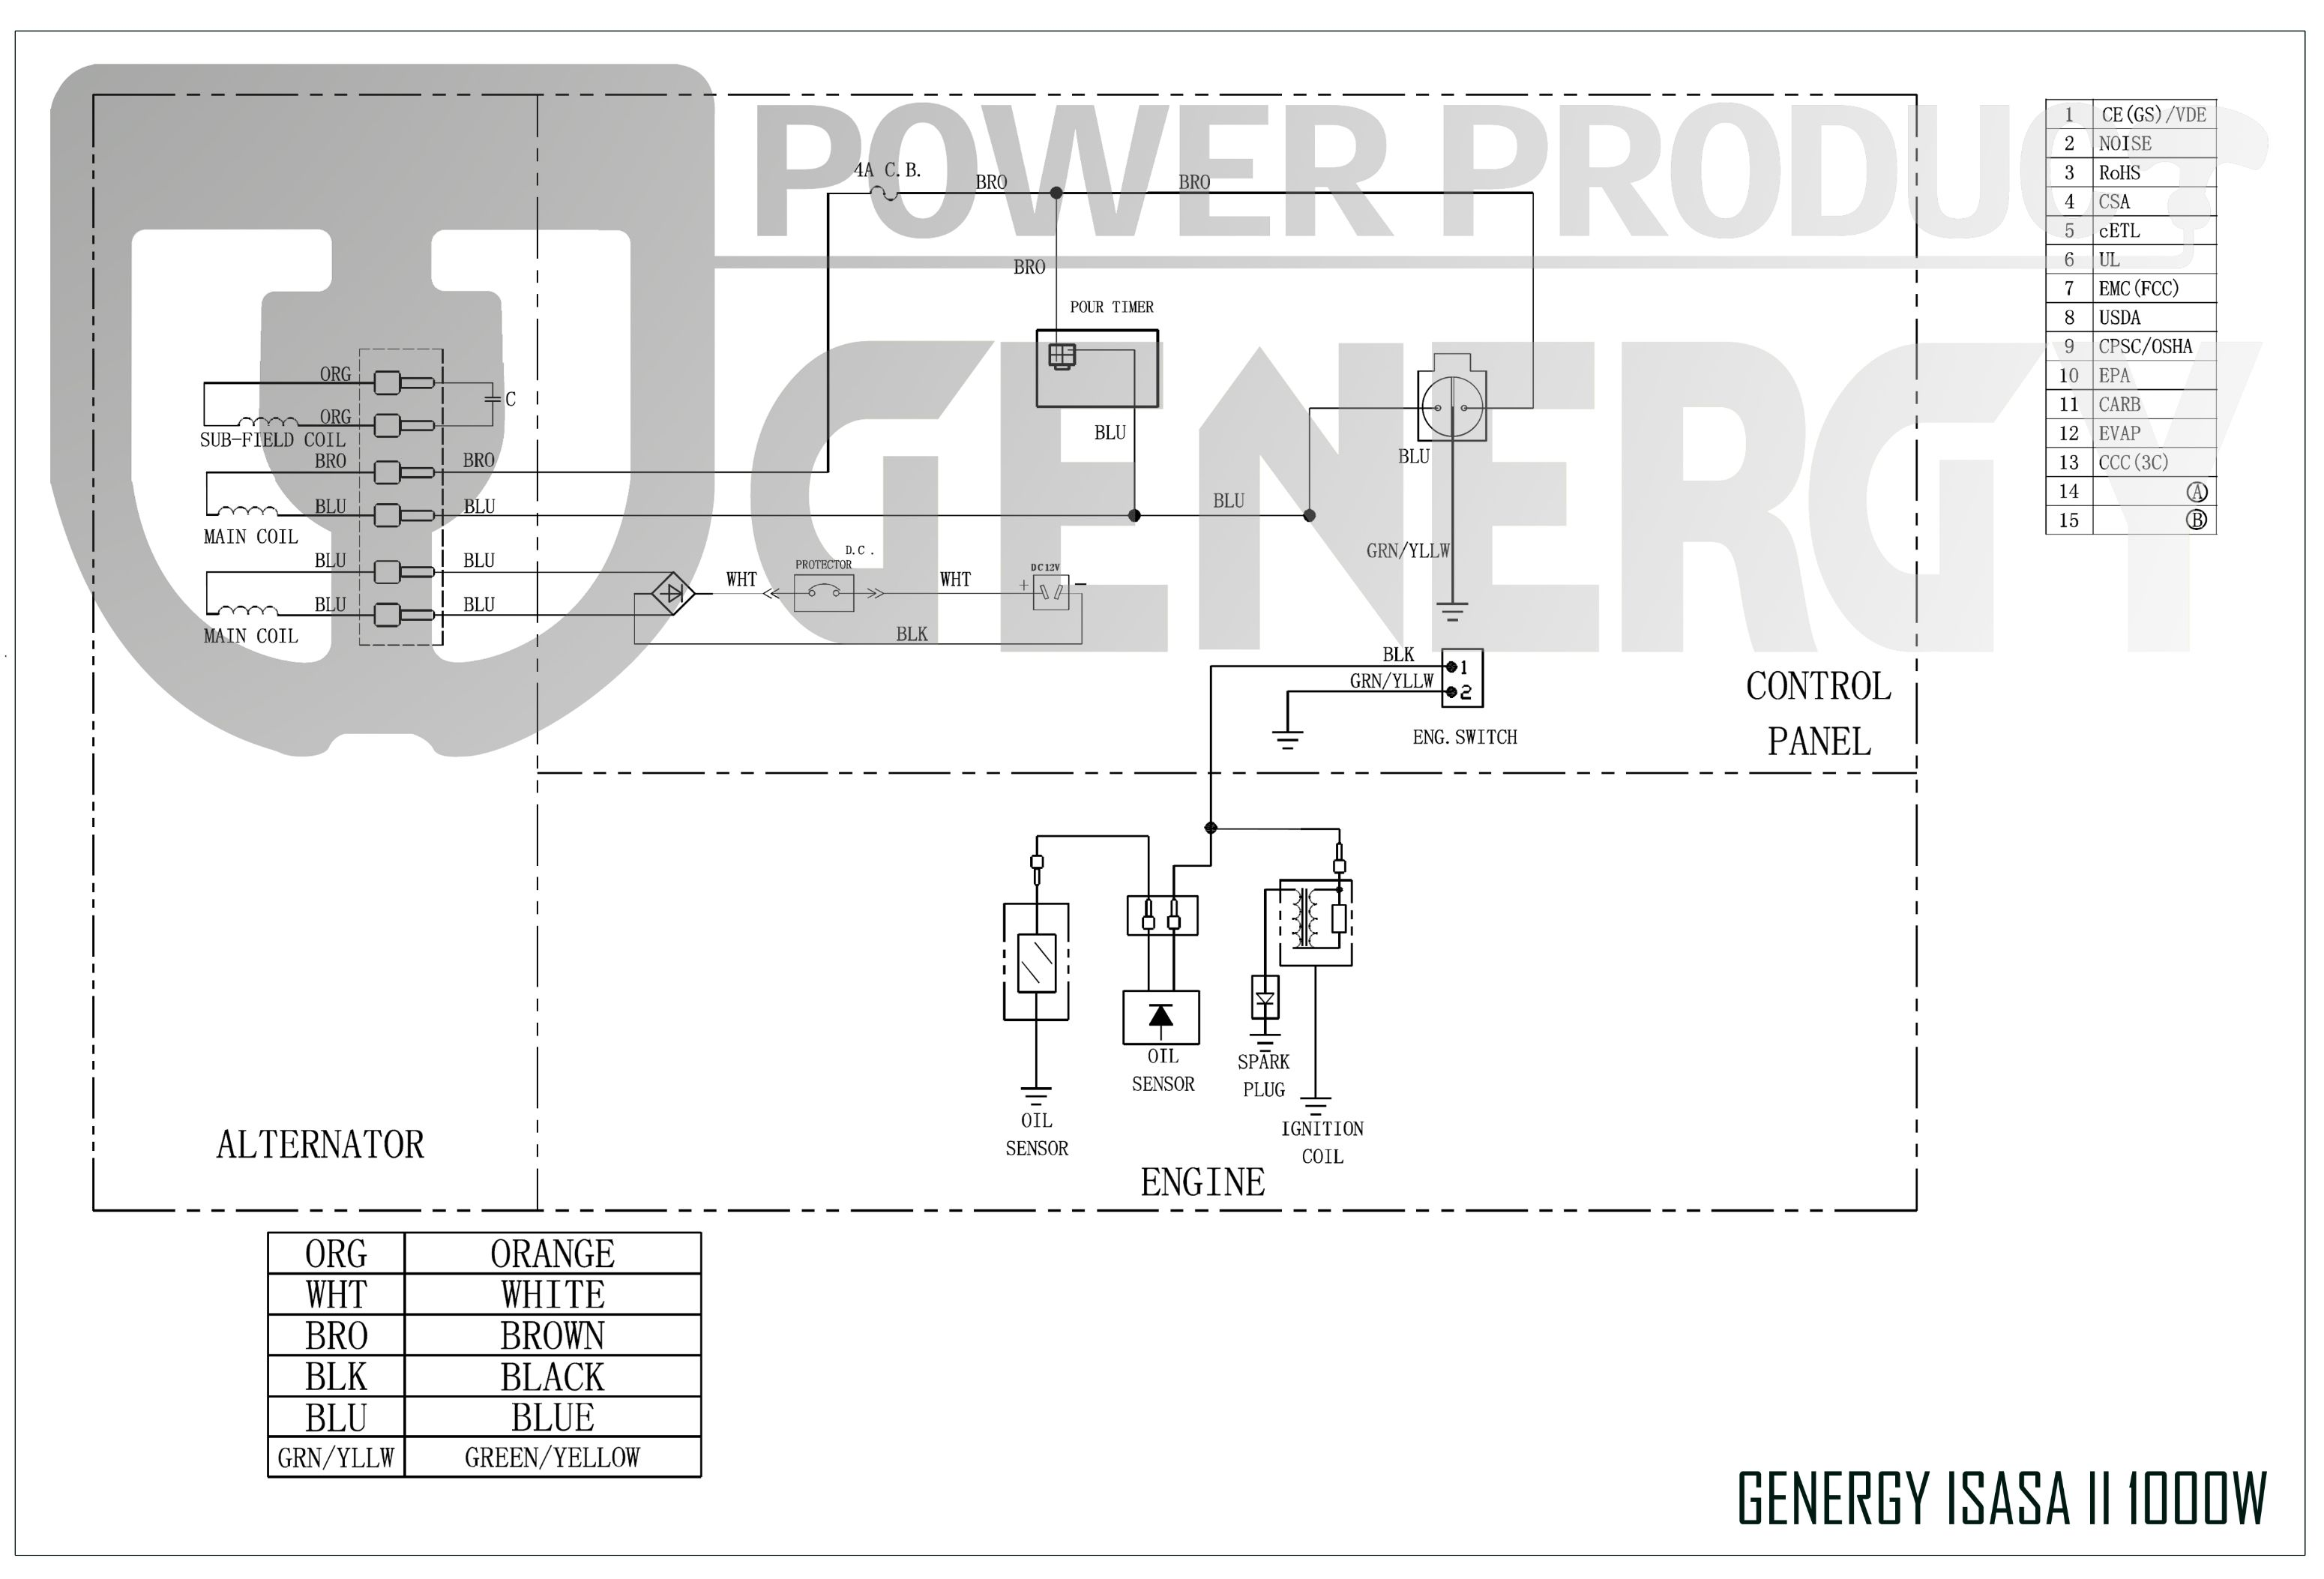 Esquema Generador Genergy Isasa 2